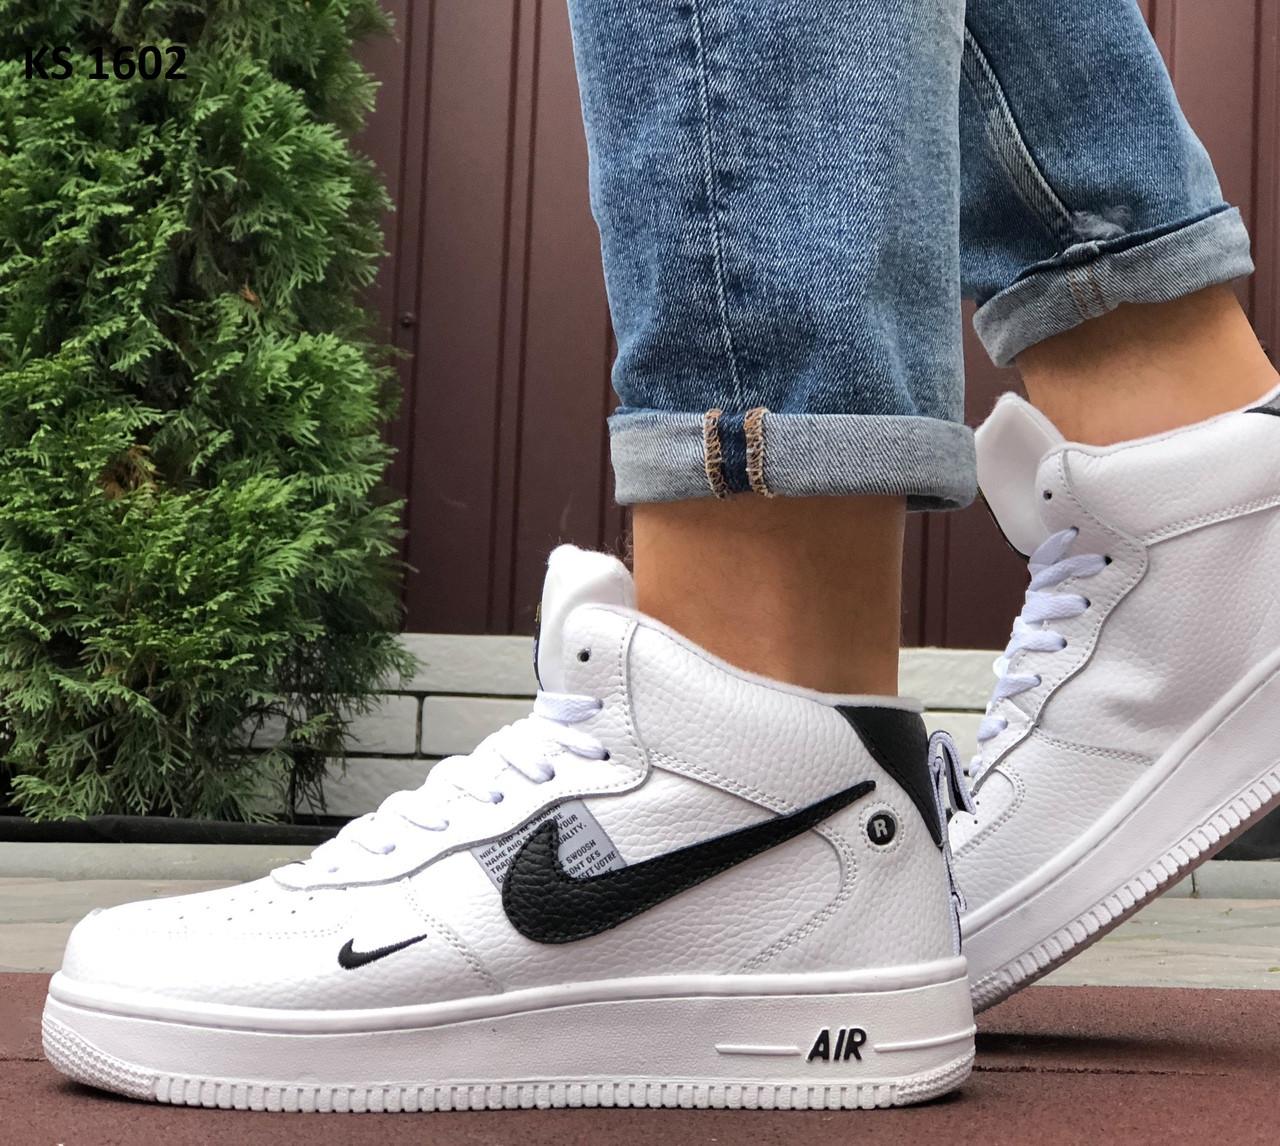 Мужские кроссовки Nike Air Force 1 07 Mid LV8 (бело-черные) ЗИМА KS 1602